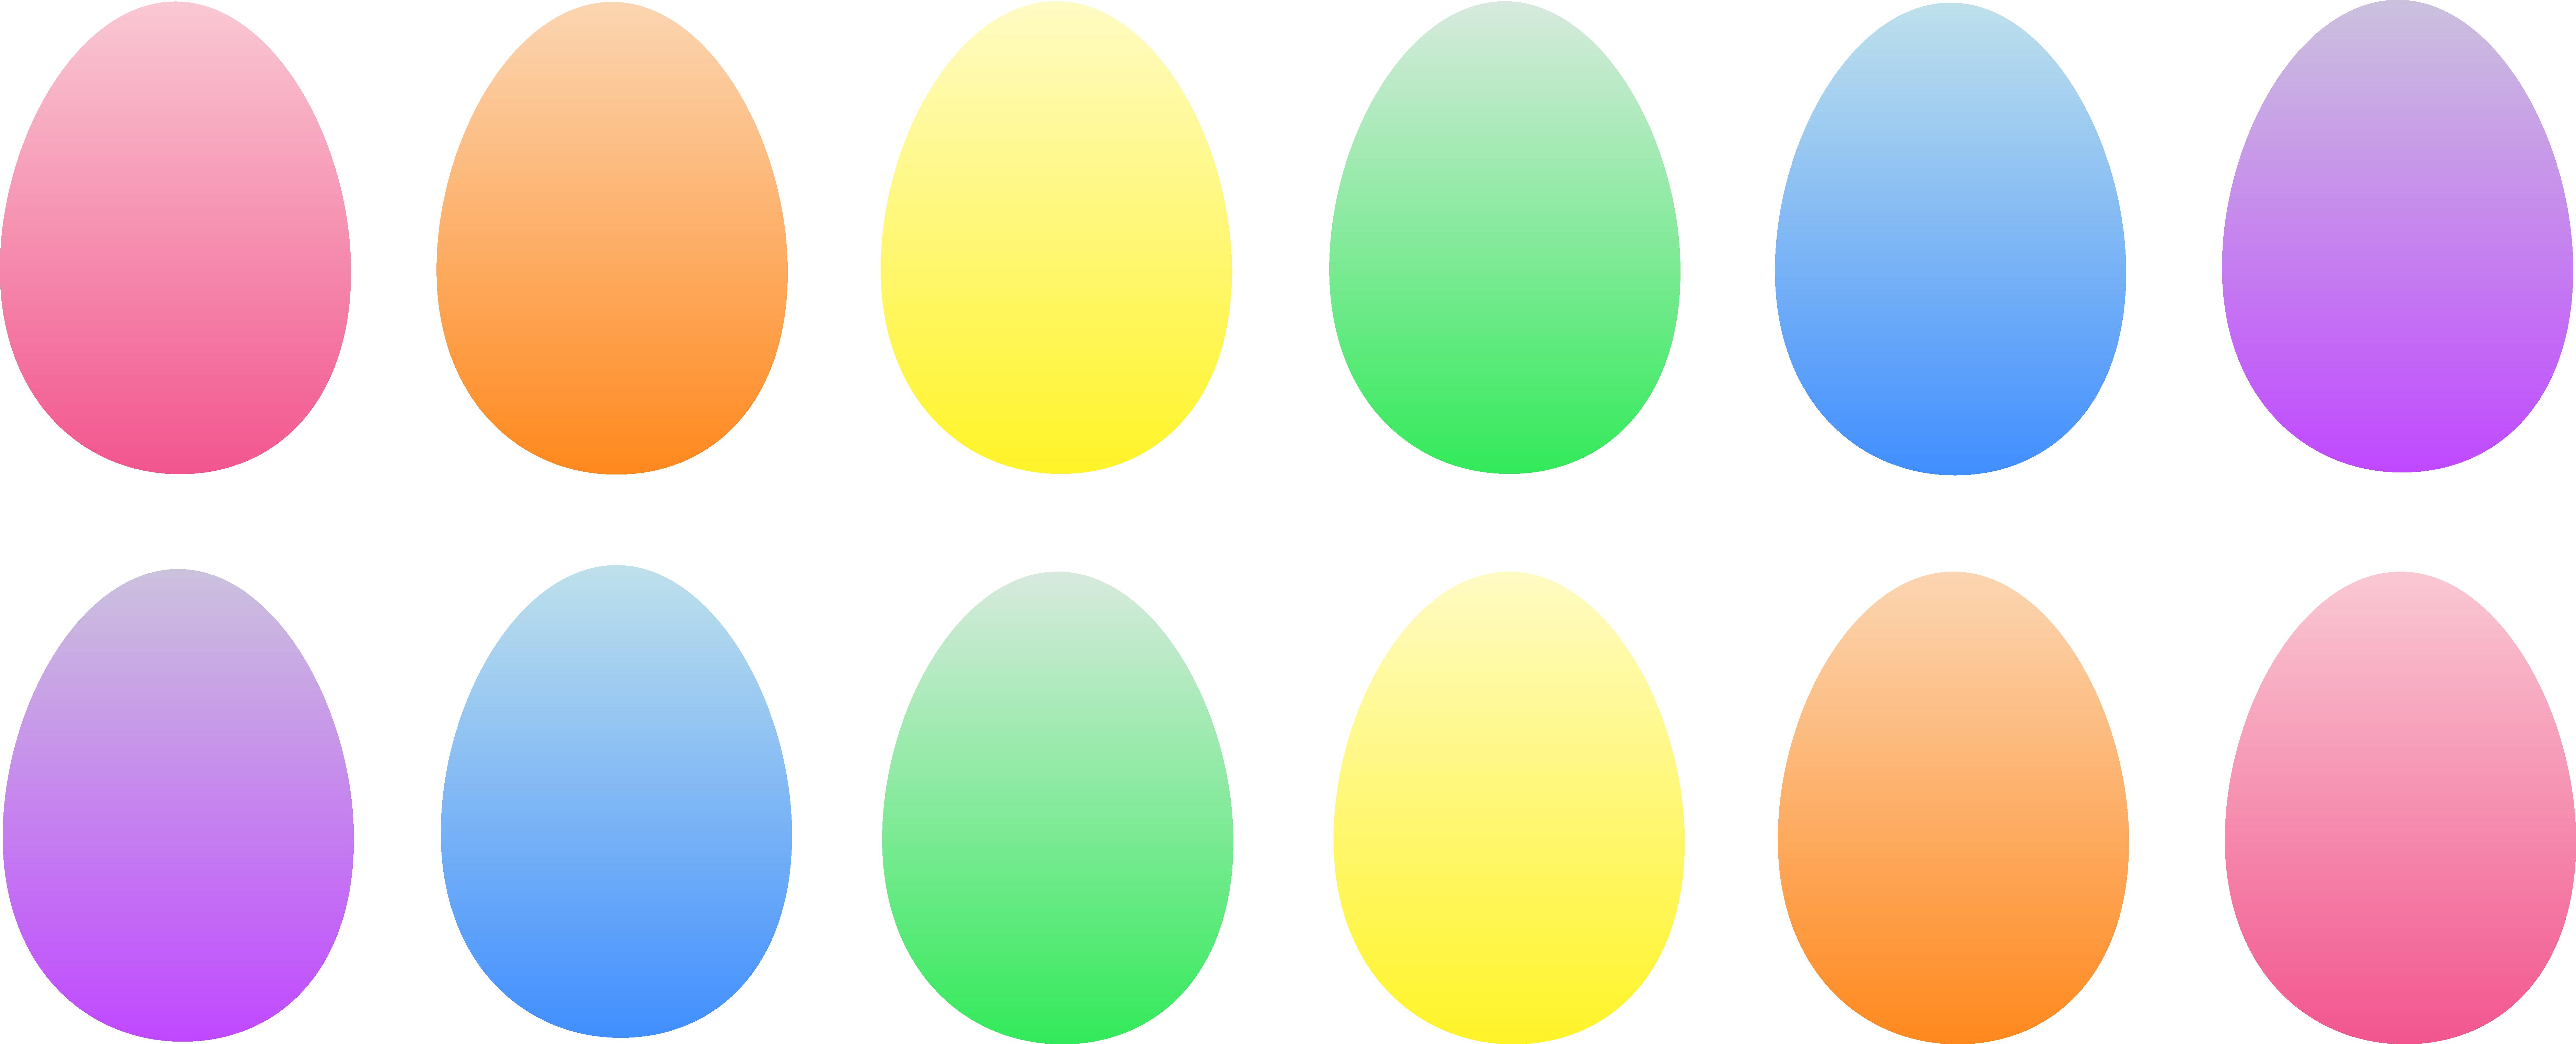 easter egg clipart-easter egg clipart-16